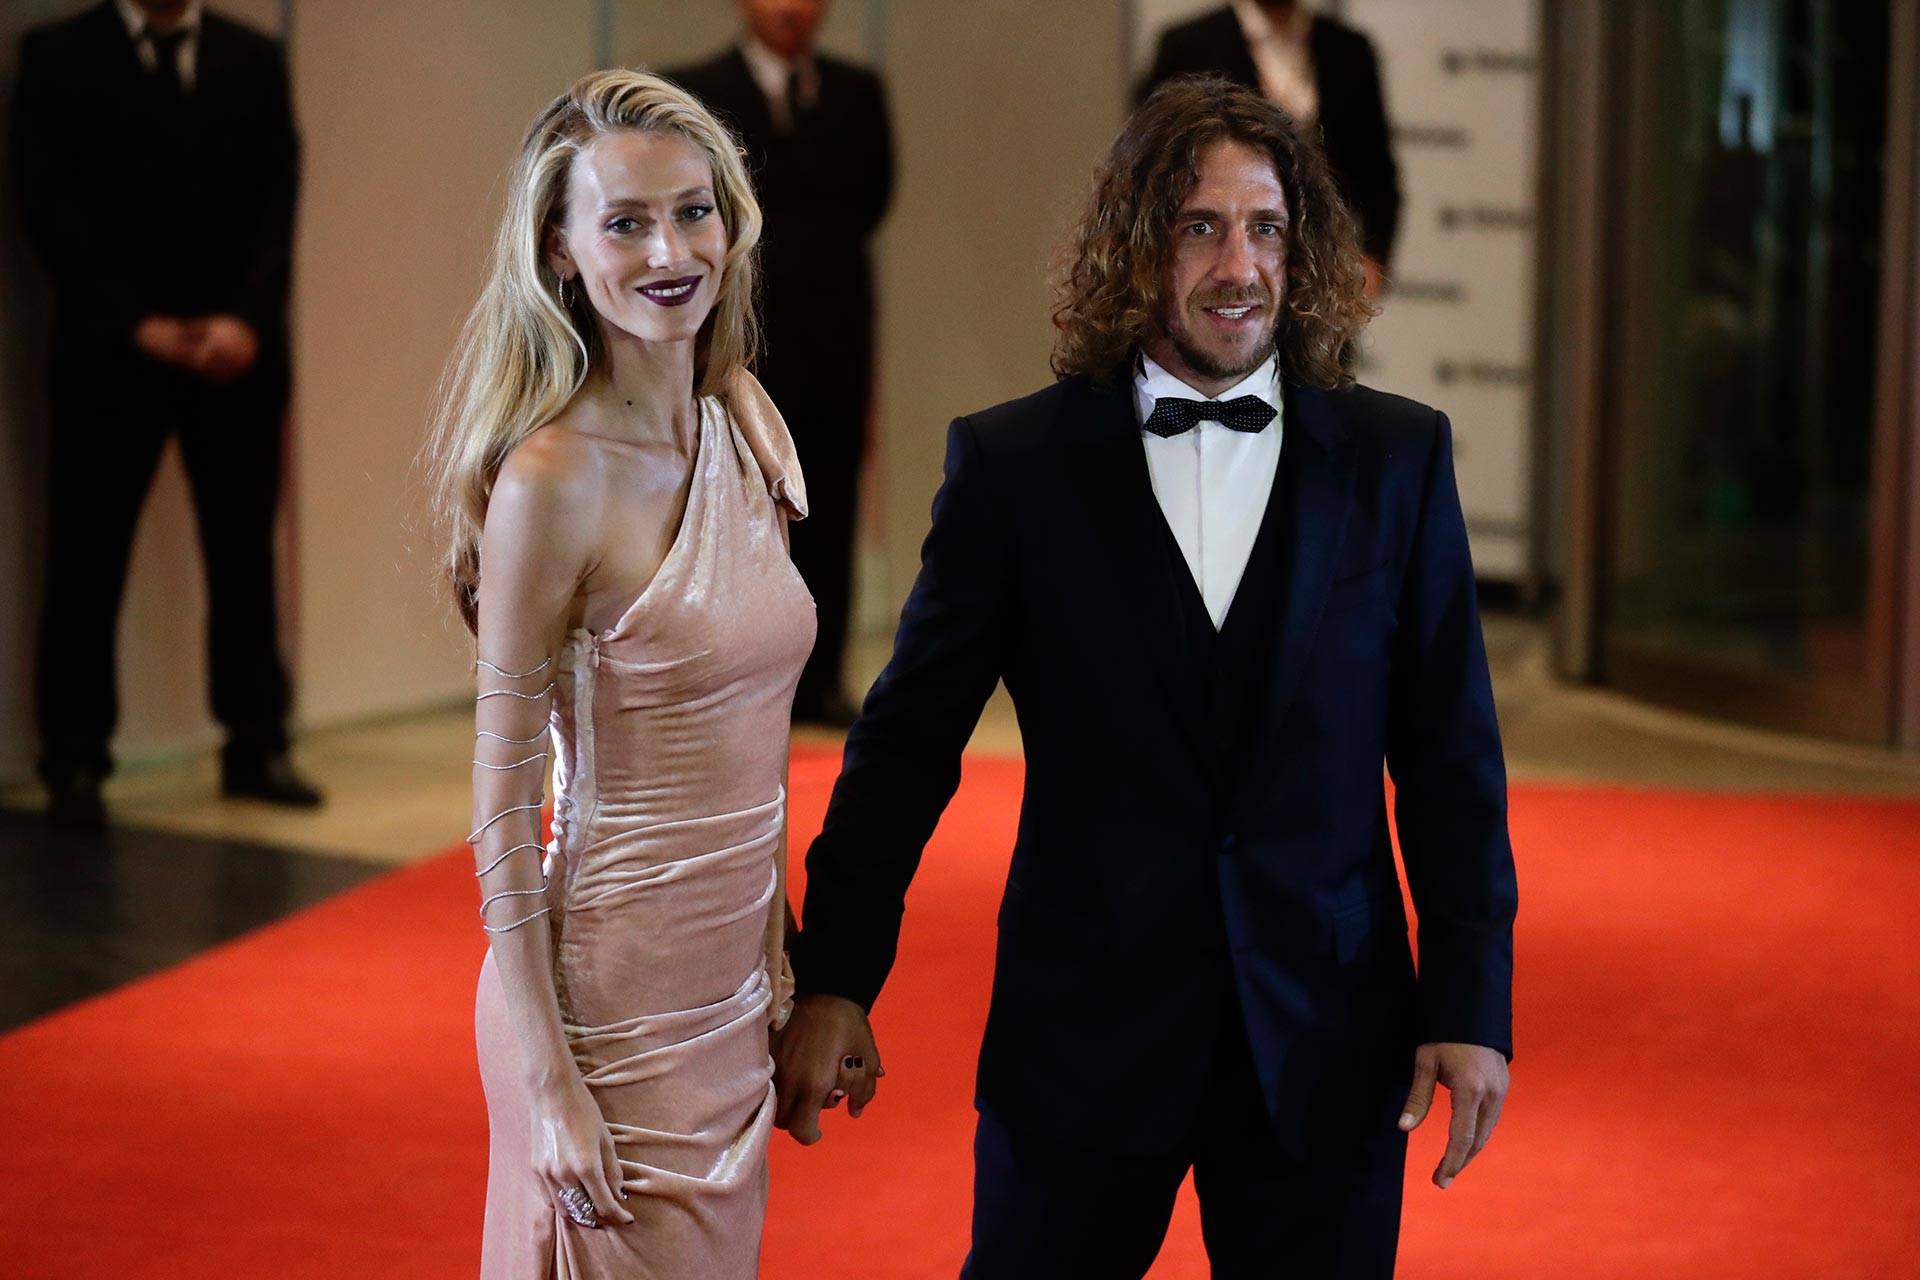 Carles Puyol en smoking y su mujer con un vestido de terciopelo nude con corte de un solo hombro. Su beauty look muy glamoroso